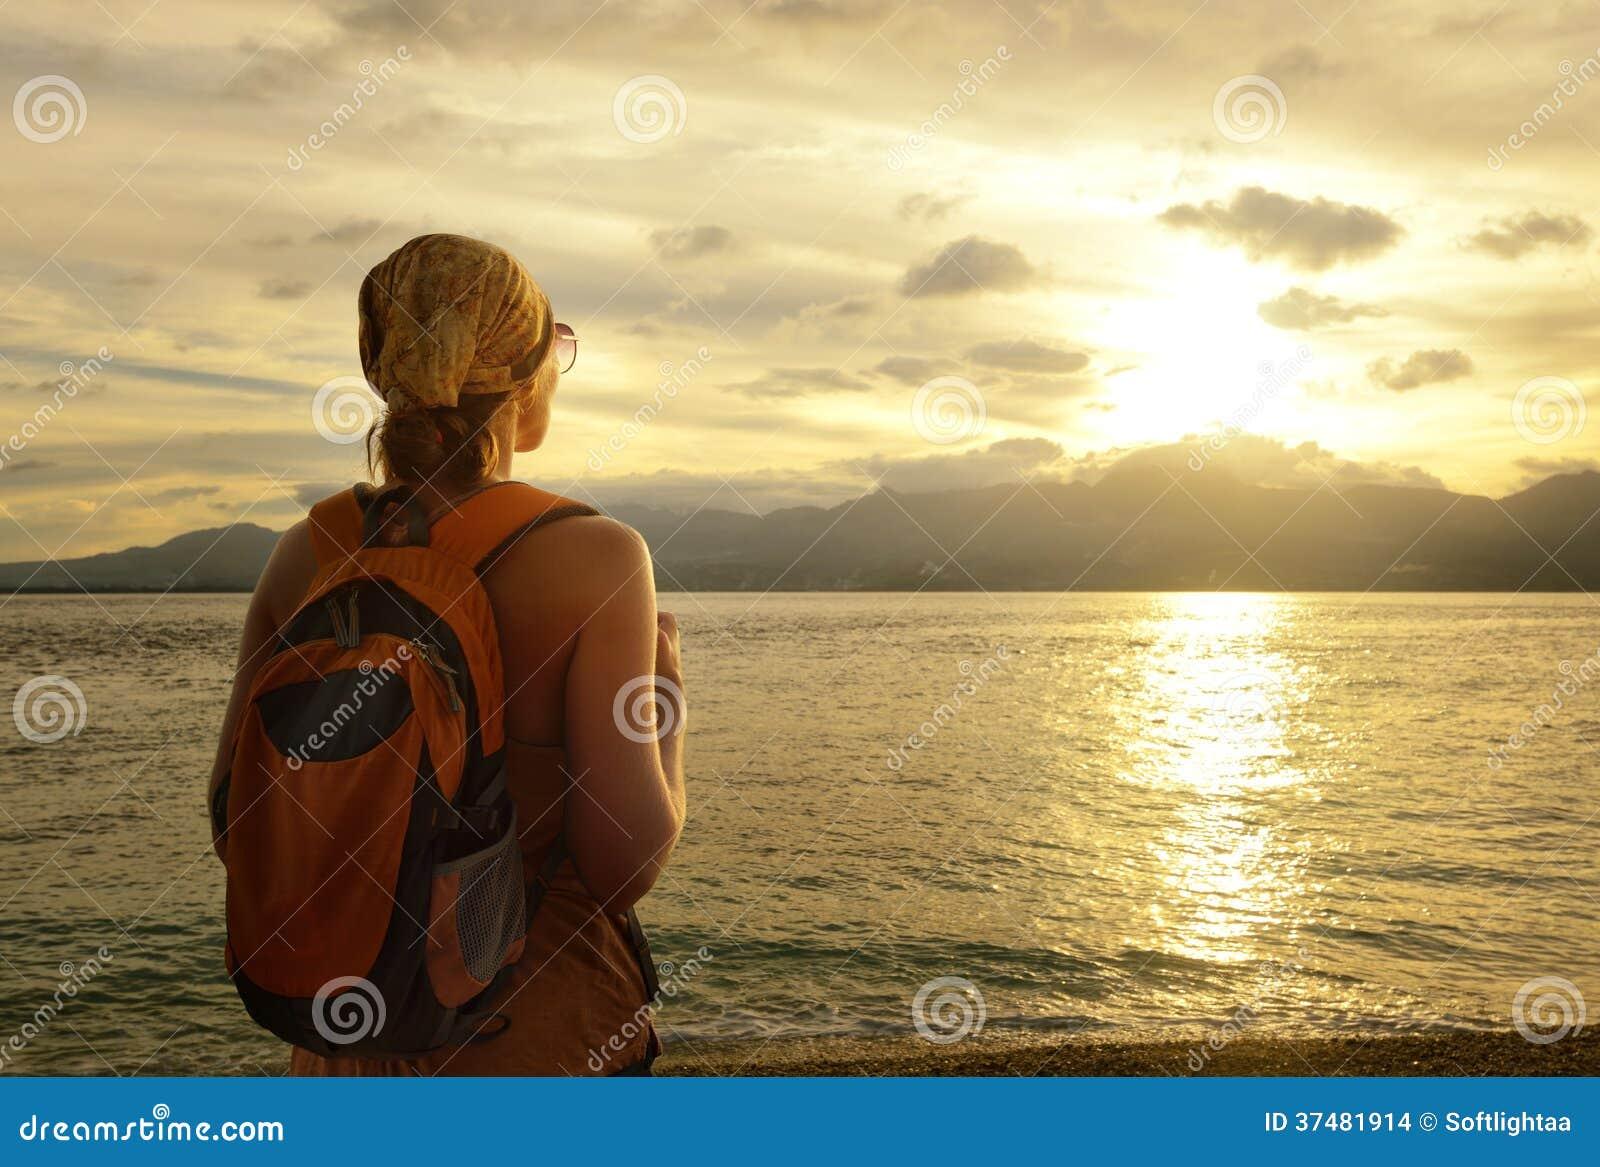 Mädchen mit einem Rucksack träumt von der Reise